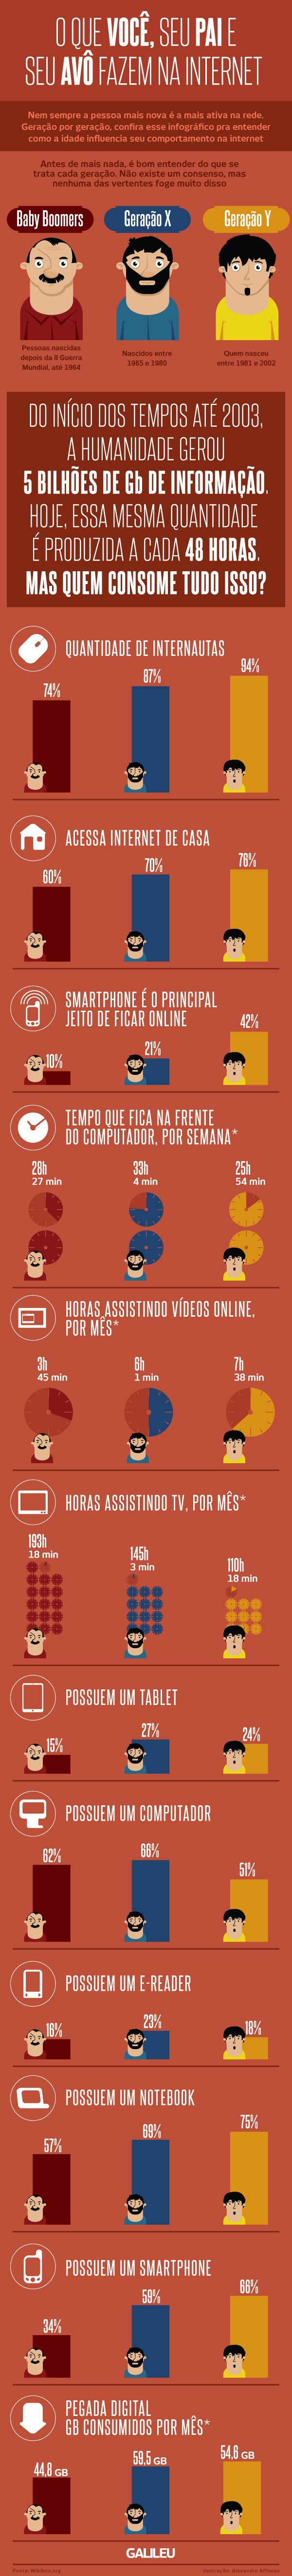 Infográfico - O que você, seu pai e seu avô fazem na internet